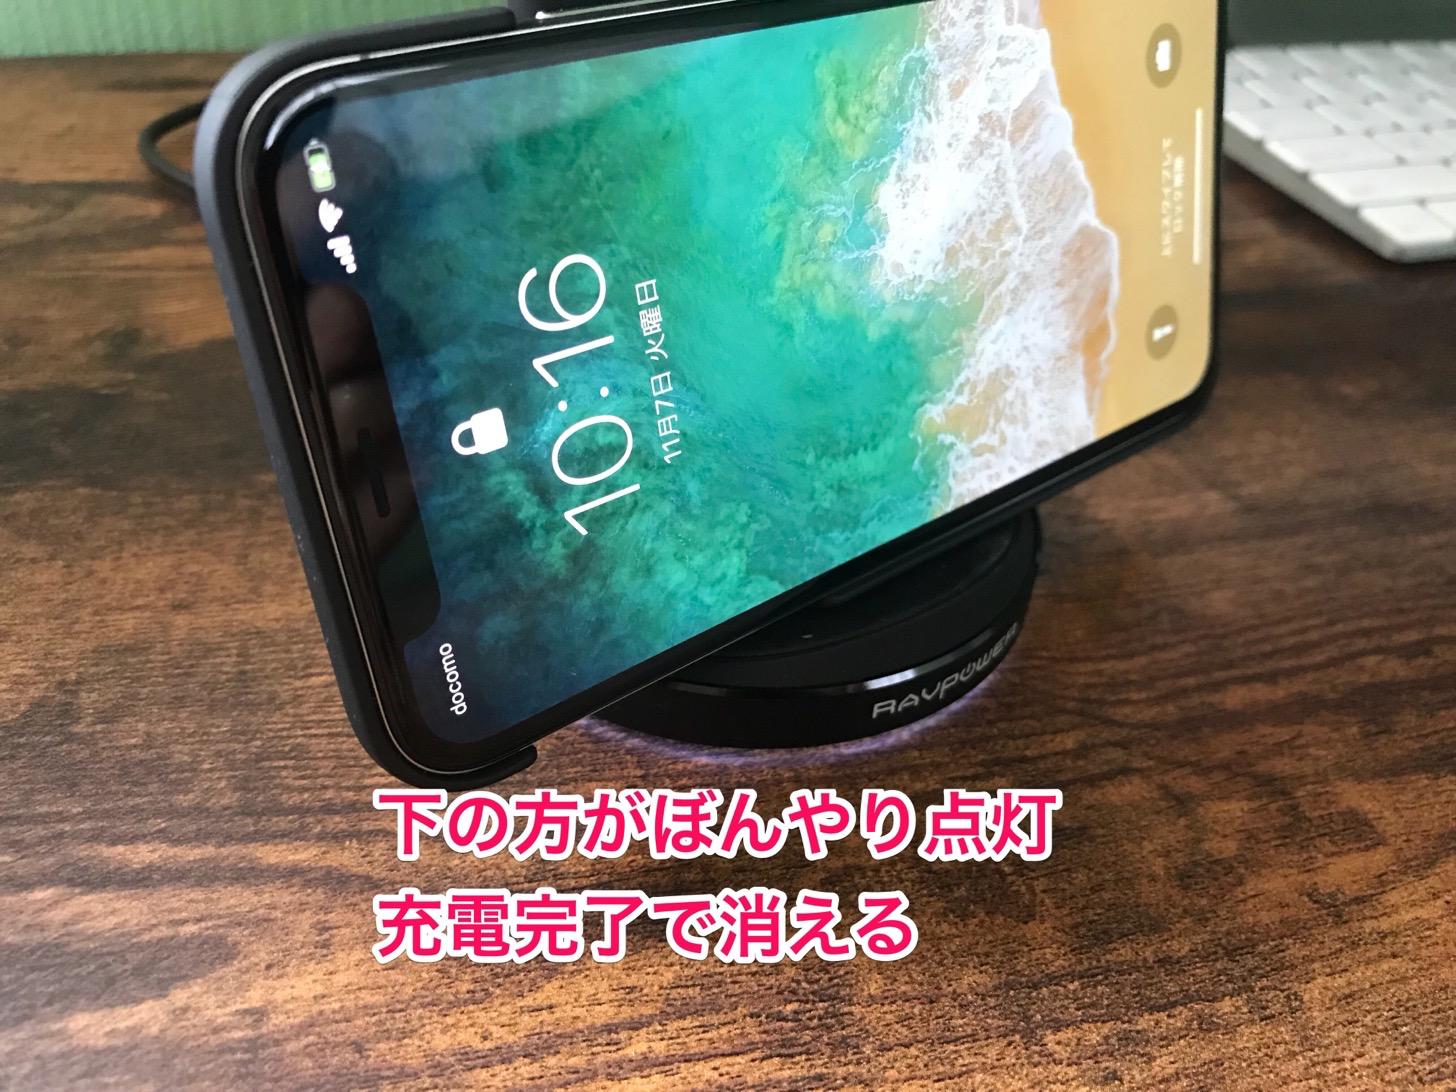 Amazonで2000円で買えるqi充電器を買って比較してみた ごりゅご Com